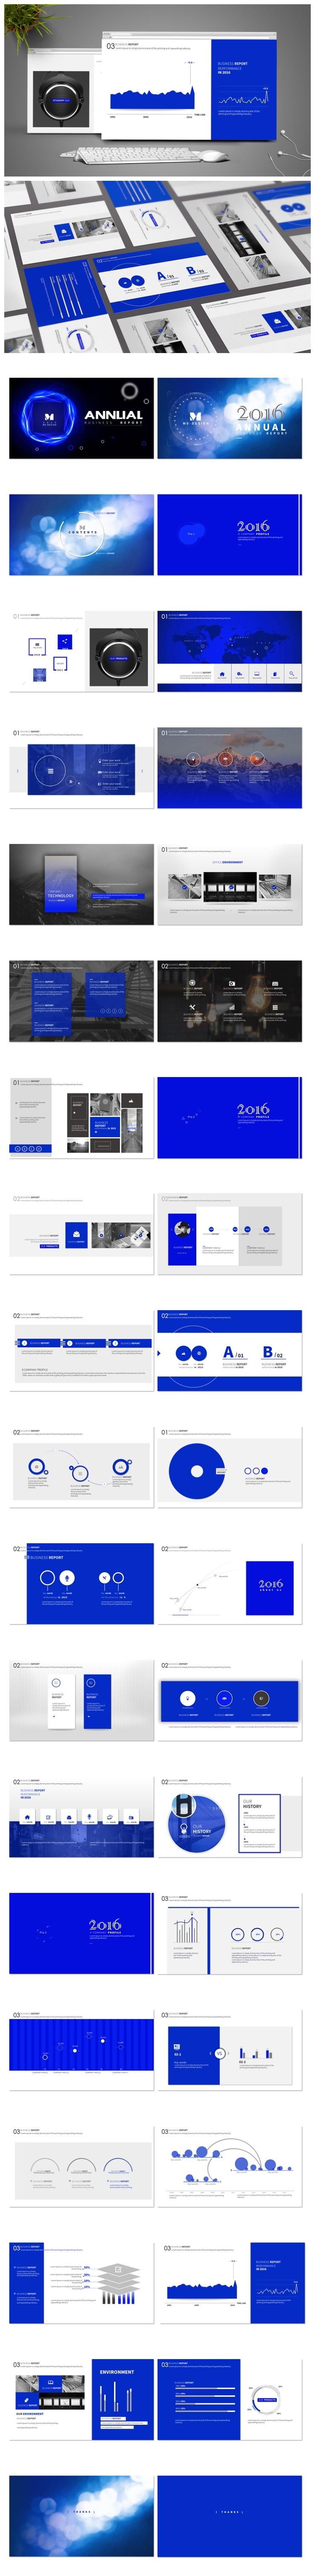 【极致之美】简约时尚商务实用设计《Royal Blue》-by momo